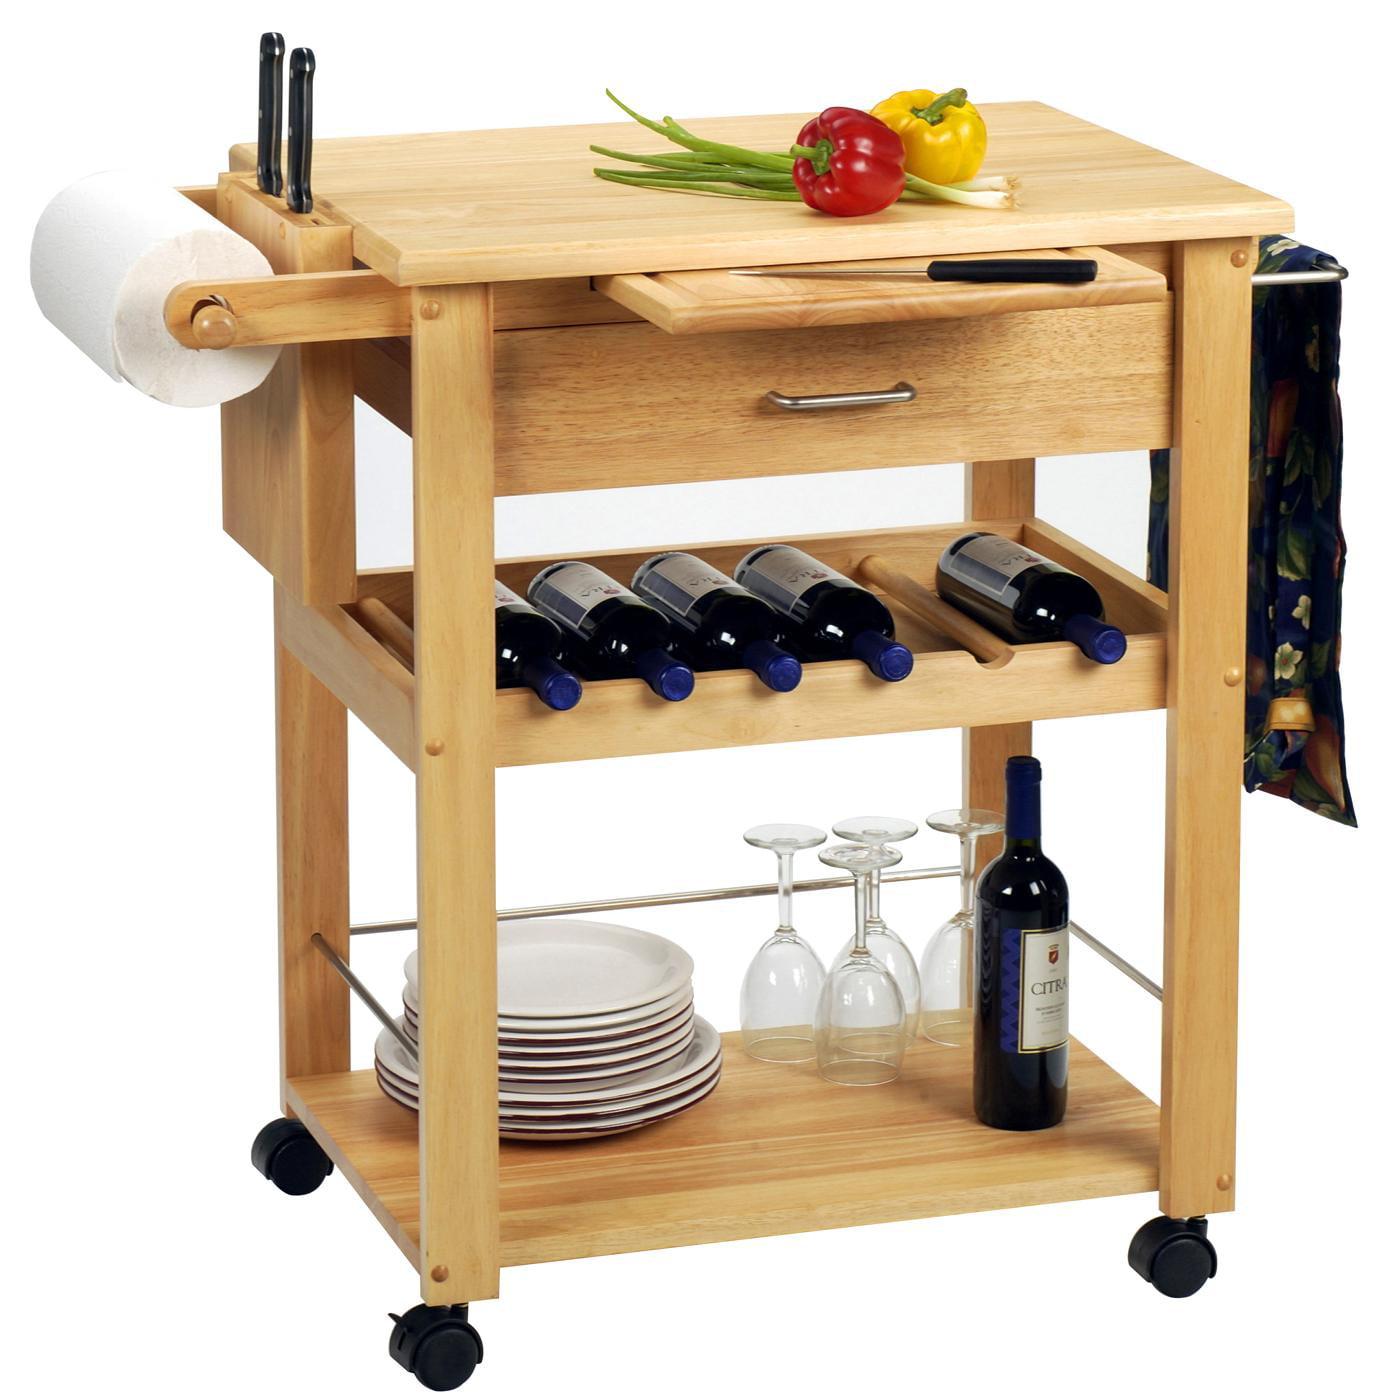 Deluxe Kitchen Cart - Walmart.com